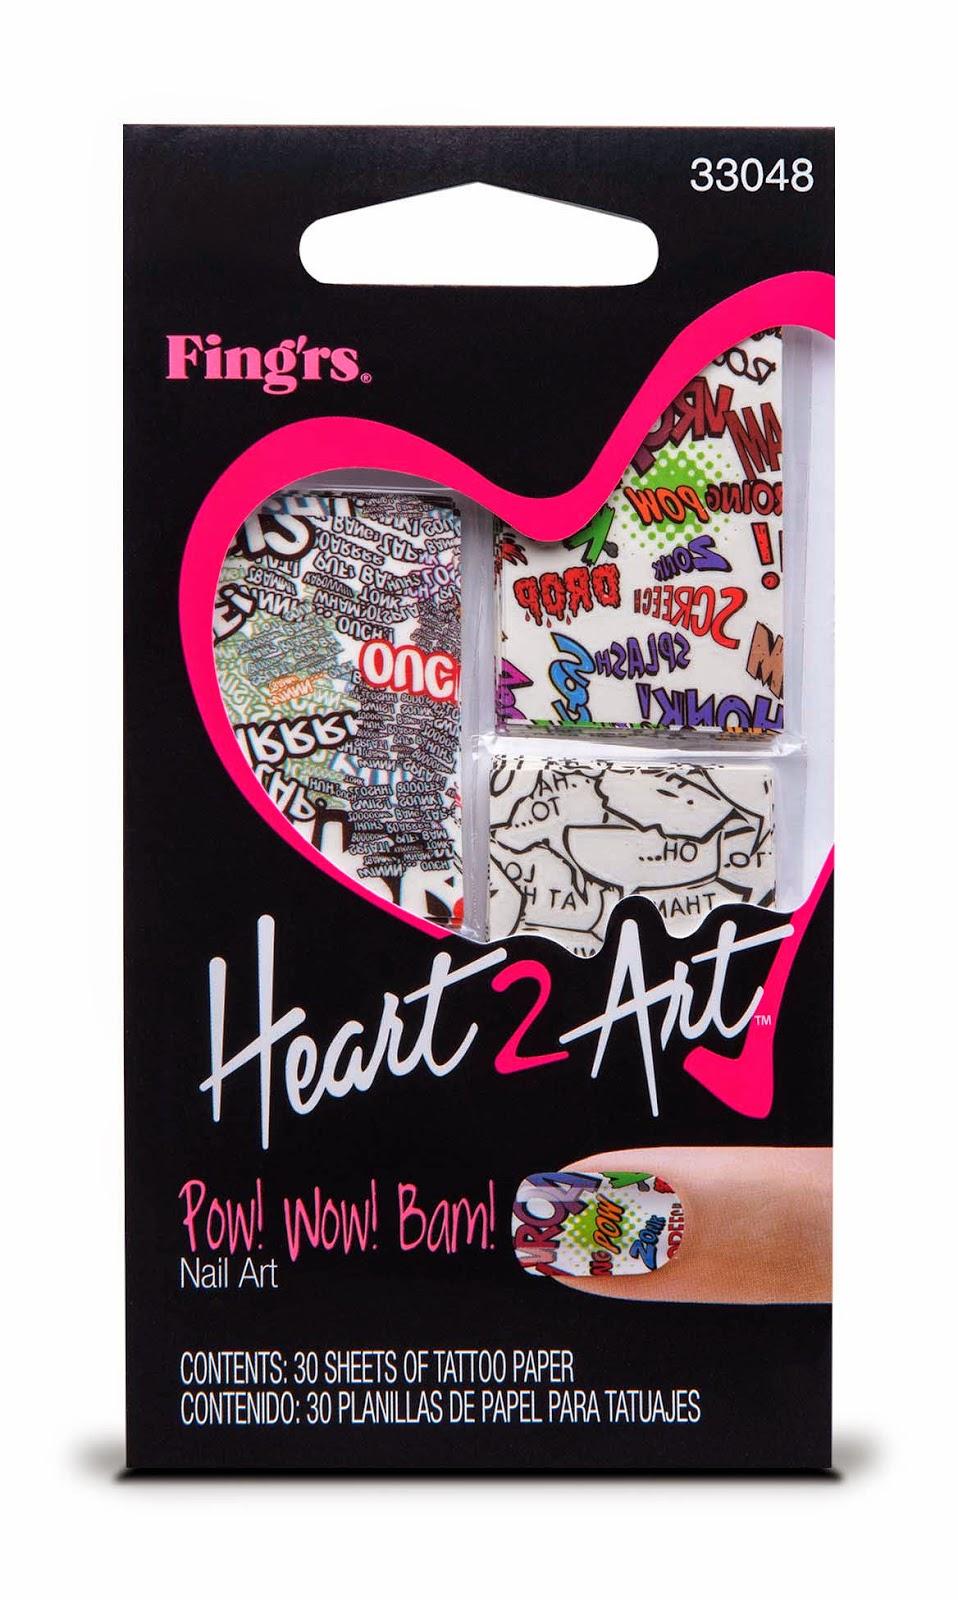 Vita da Sbally: Fing'rs, la nuova collezione Heart2Art per ...